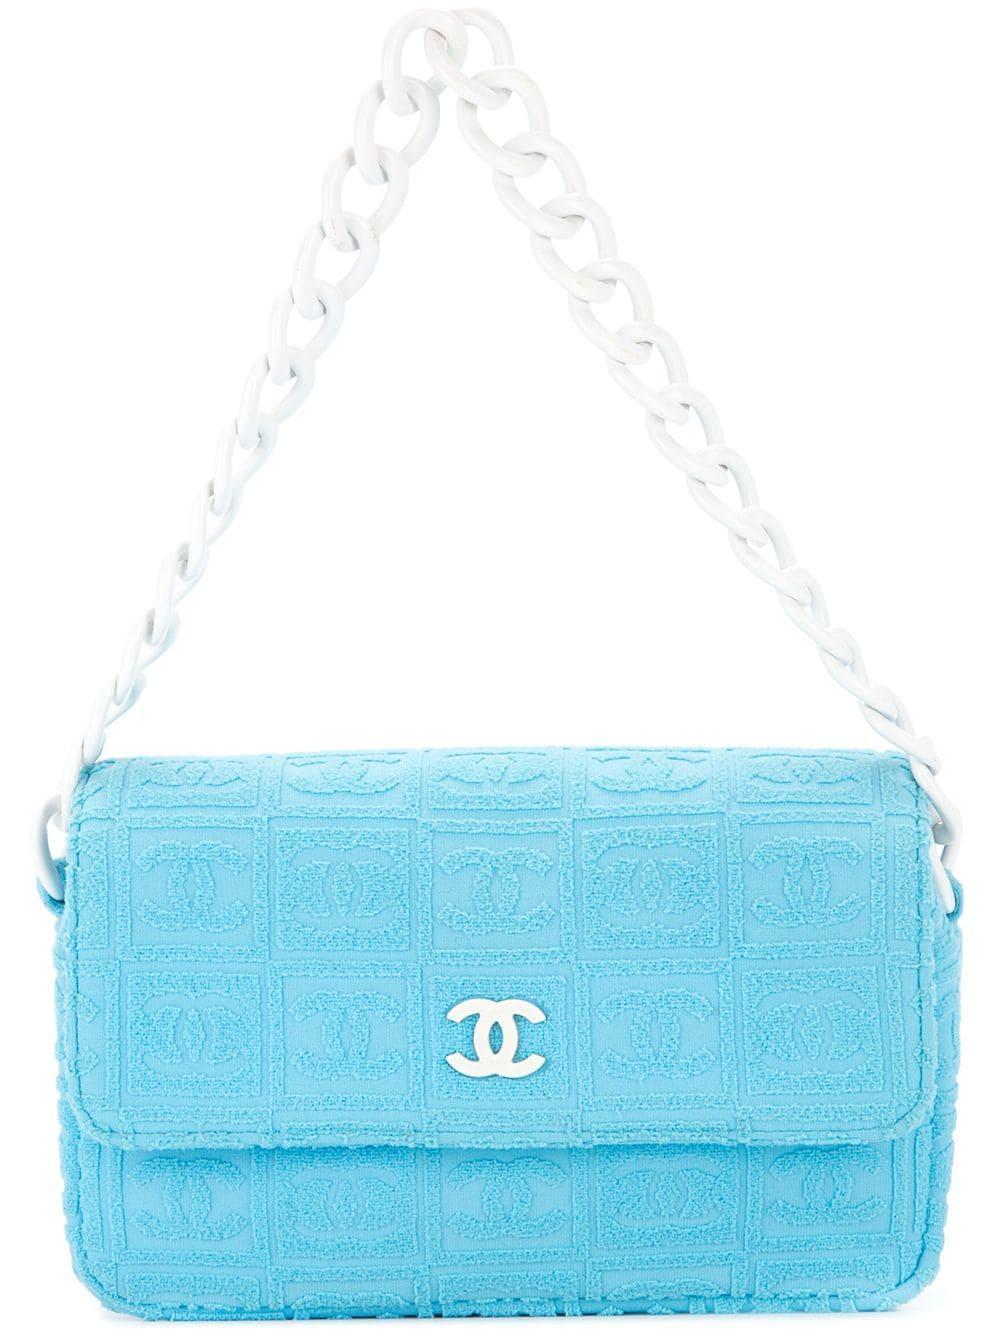 6d5ba299c35a Chanel Vintage Cc Logos Plastic Chain Shoulder Bag - Blue